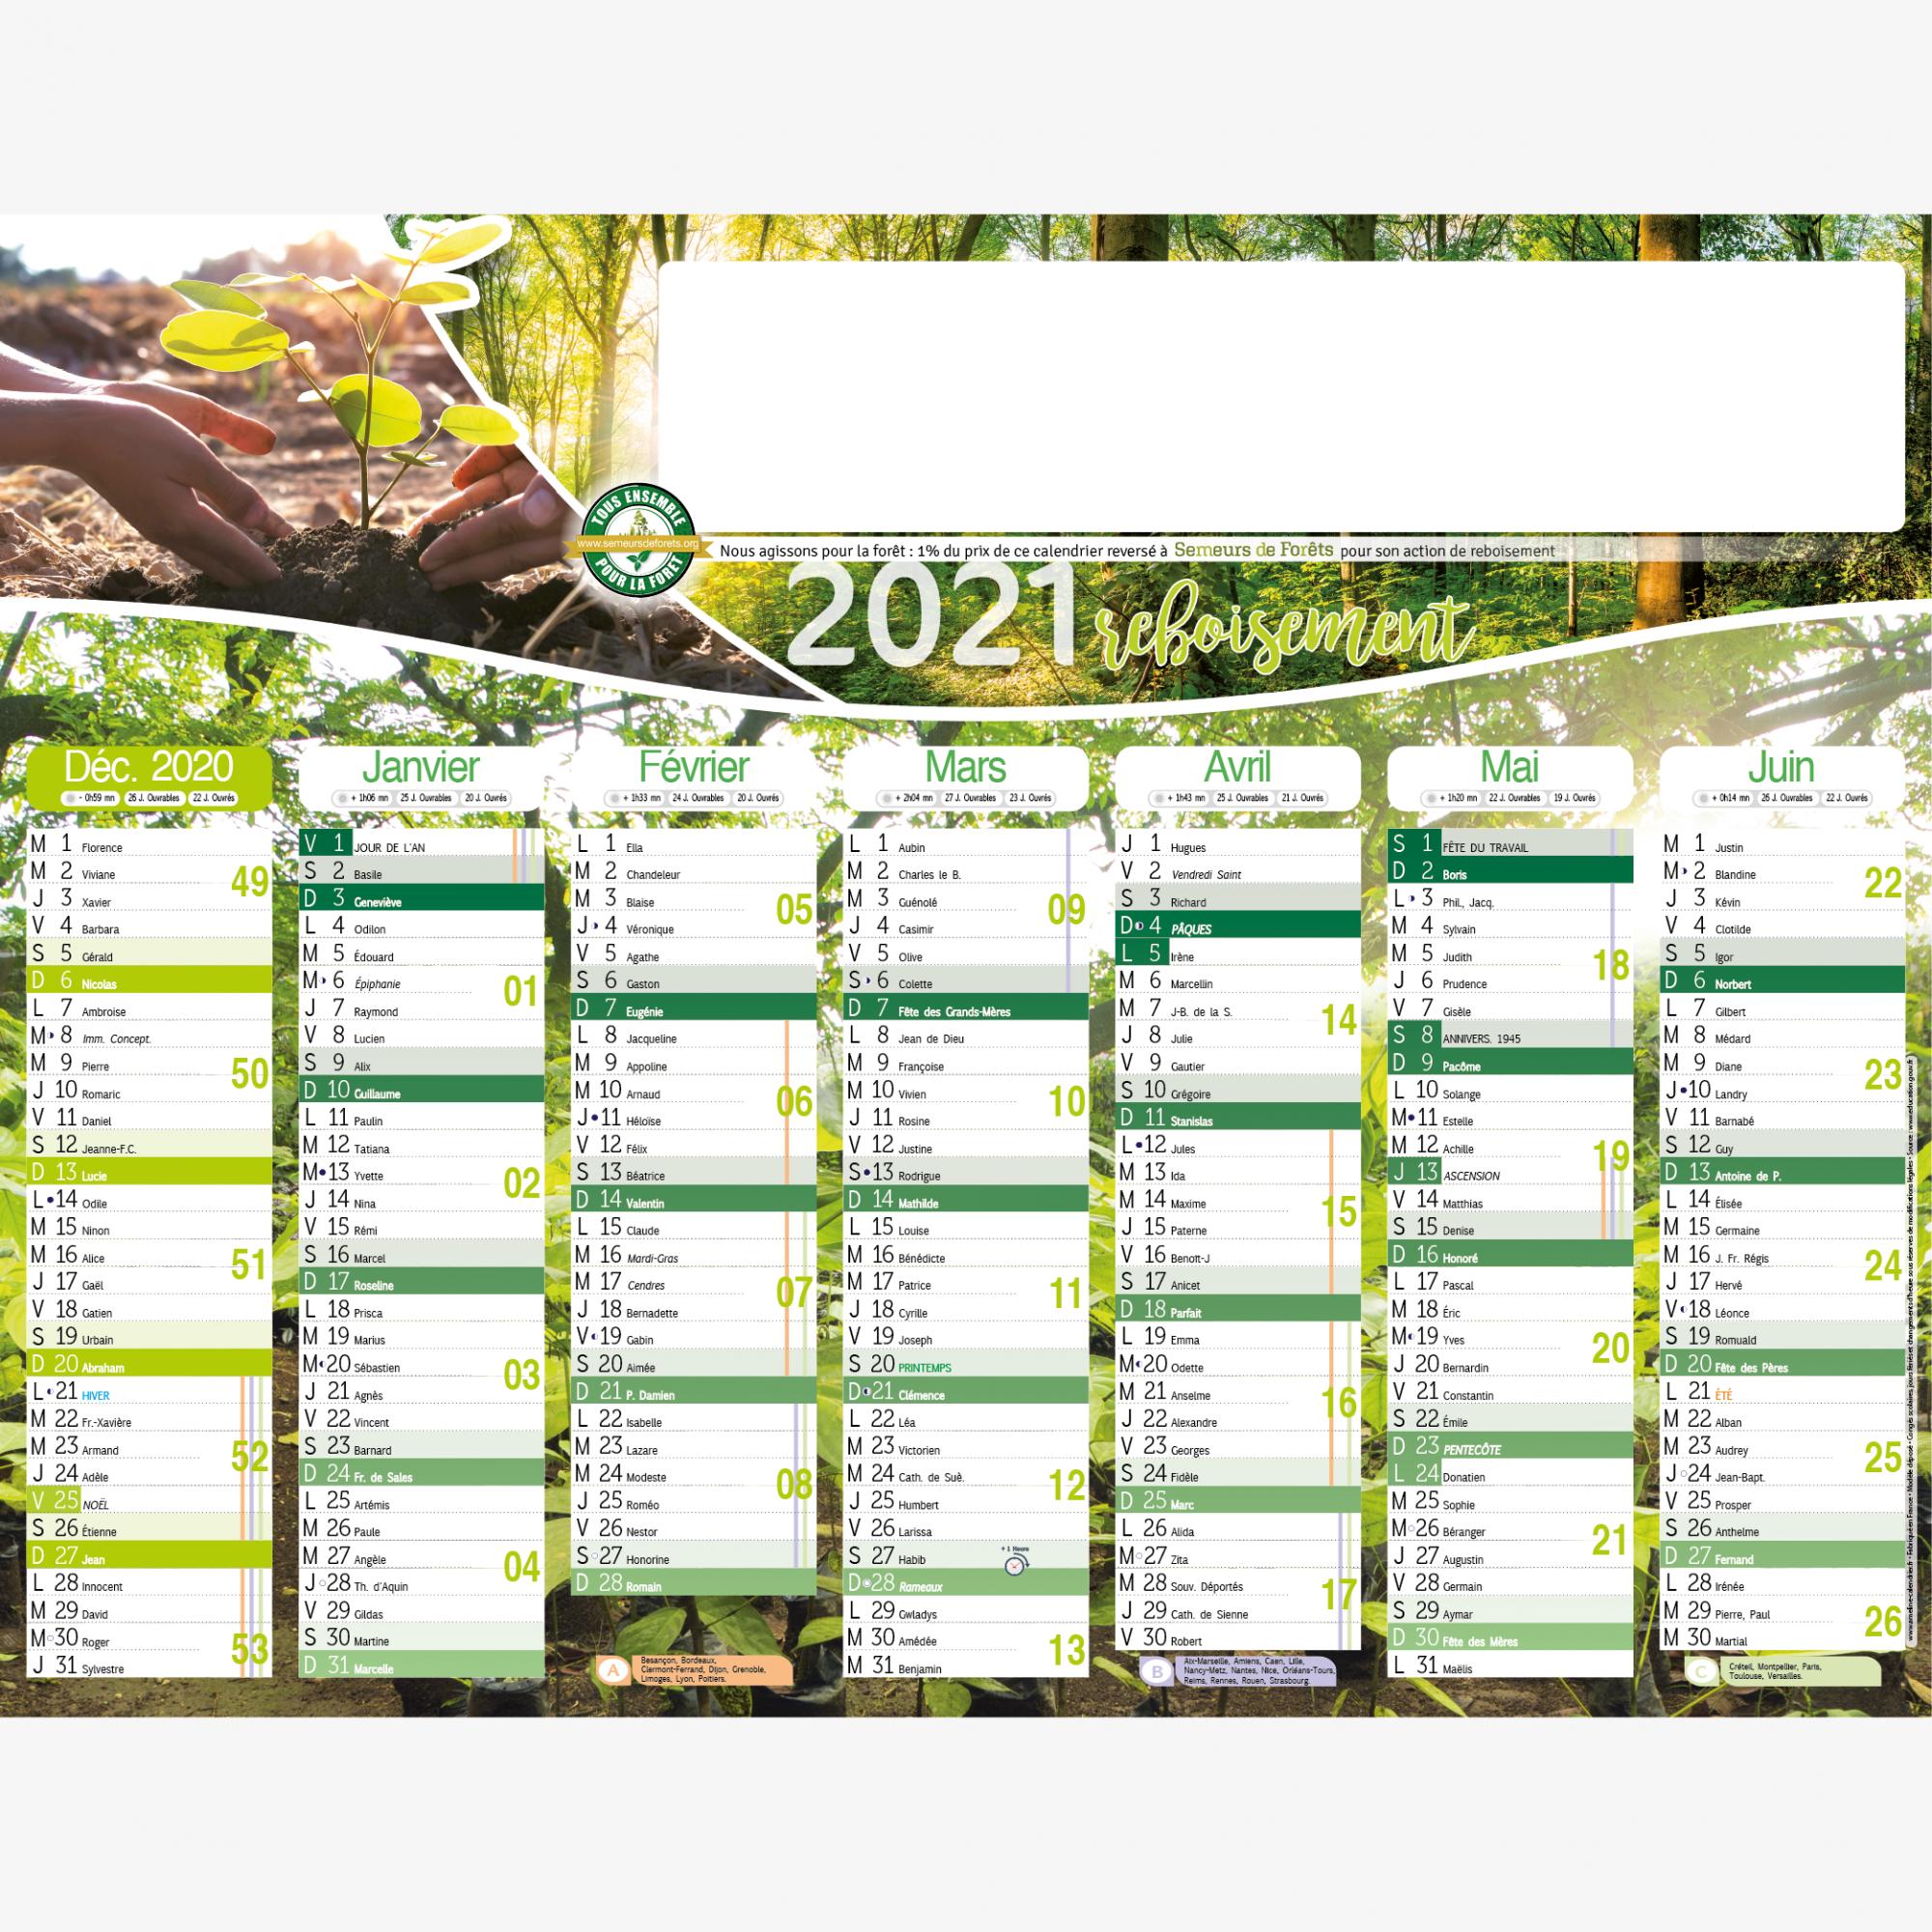 Calendrier personnalisé en ligne ACTION REBOISEMENT - 54 x 42 cm